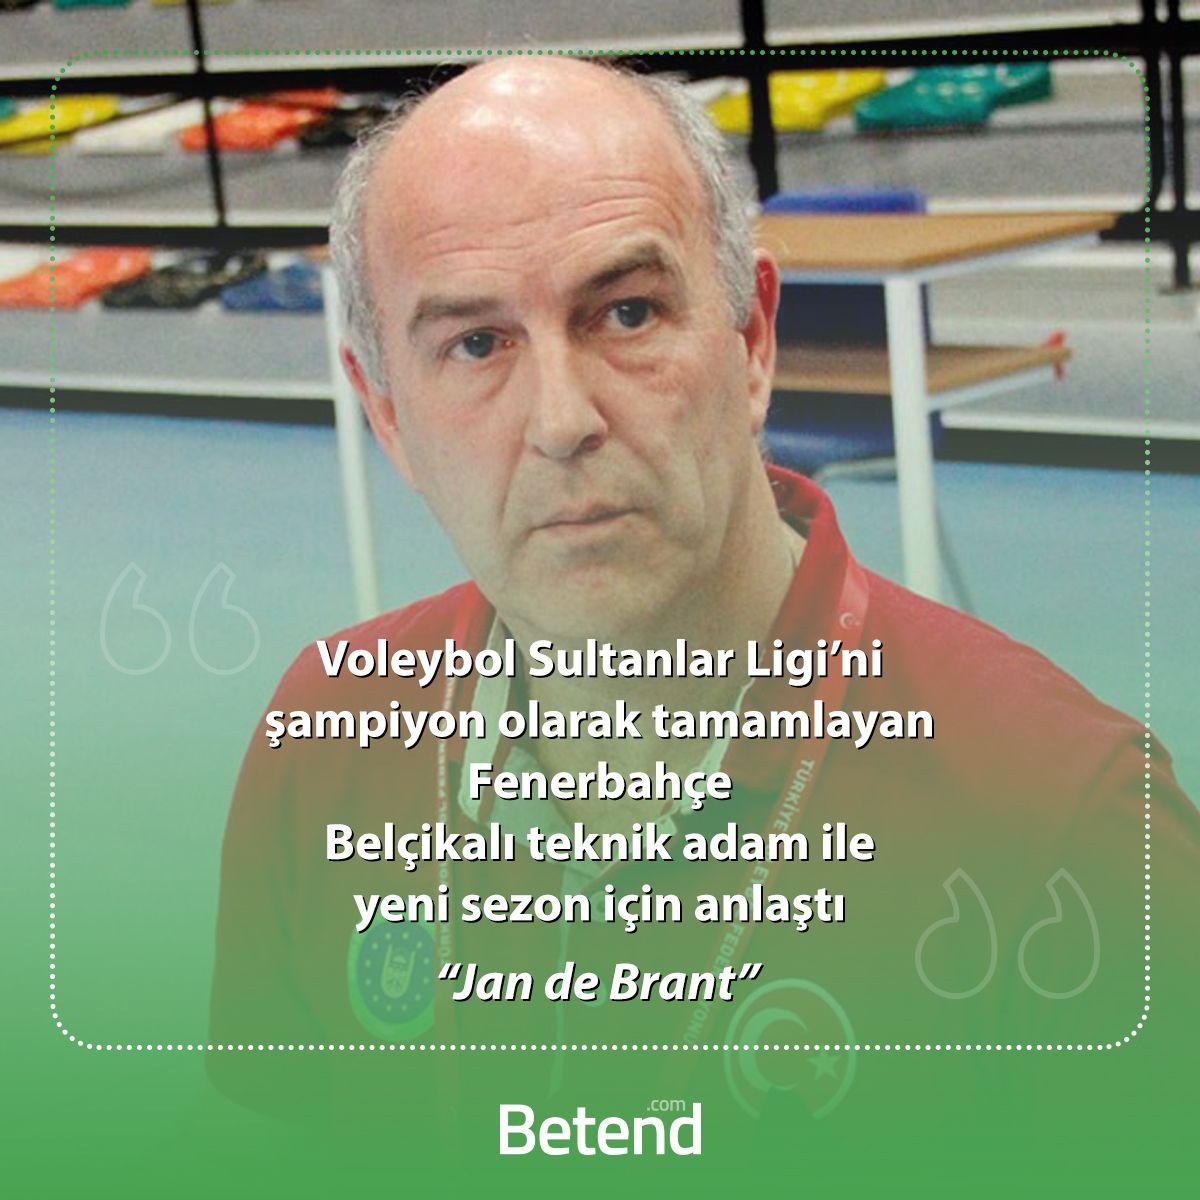 Voleybol Sultanlar Ligi'ni şampiyon olarak tamamlayan